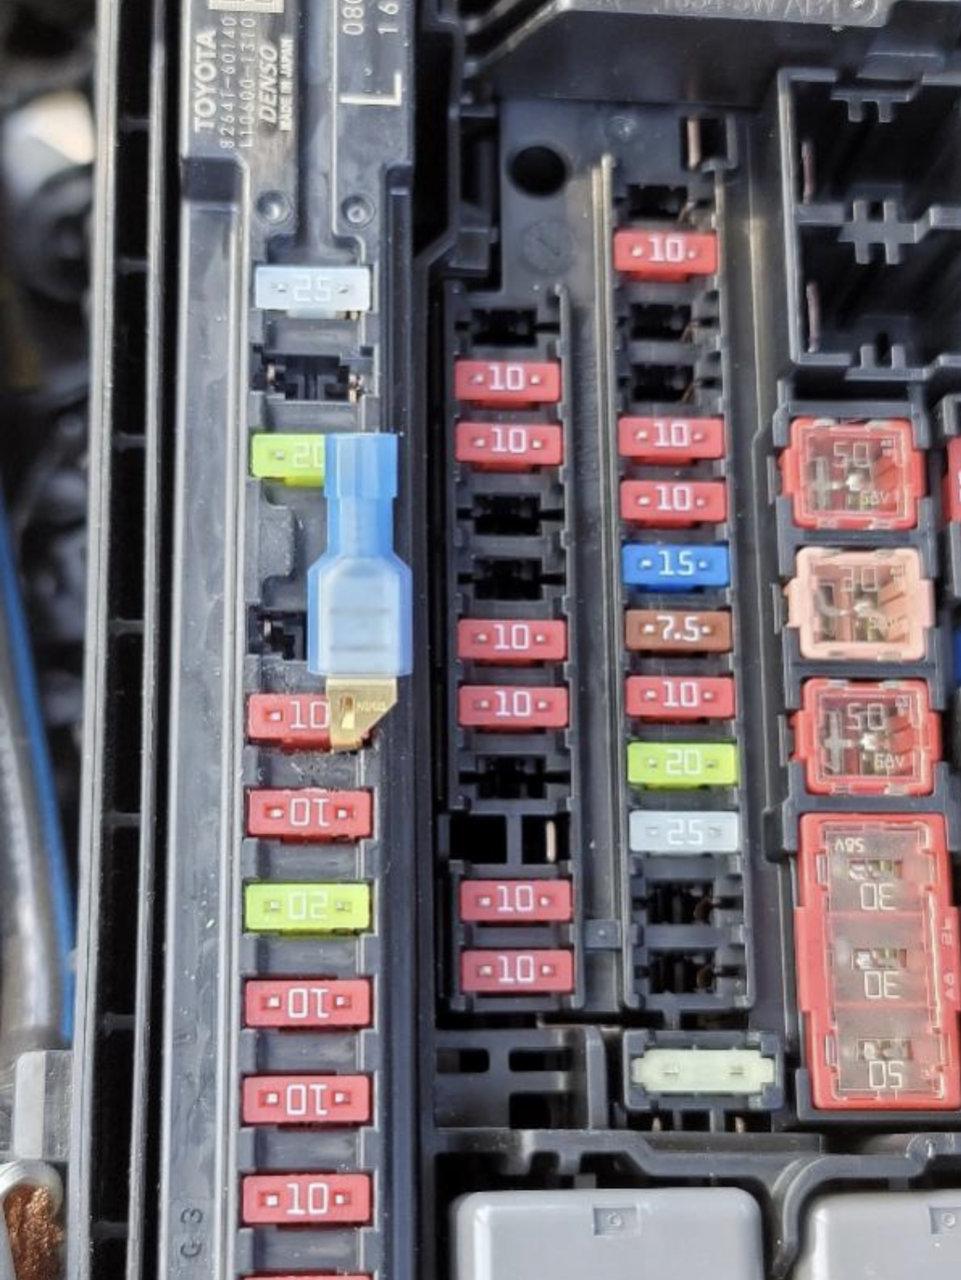 7FB5D728-C352-46FE-8627-E345D34DCC2F.jpg